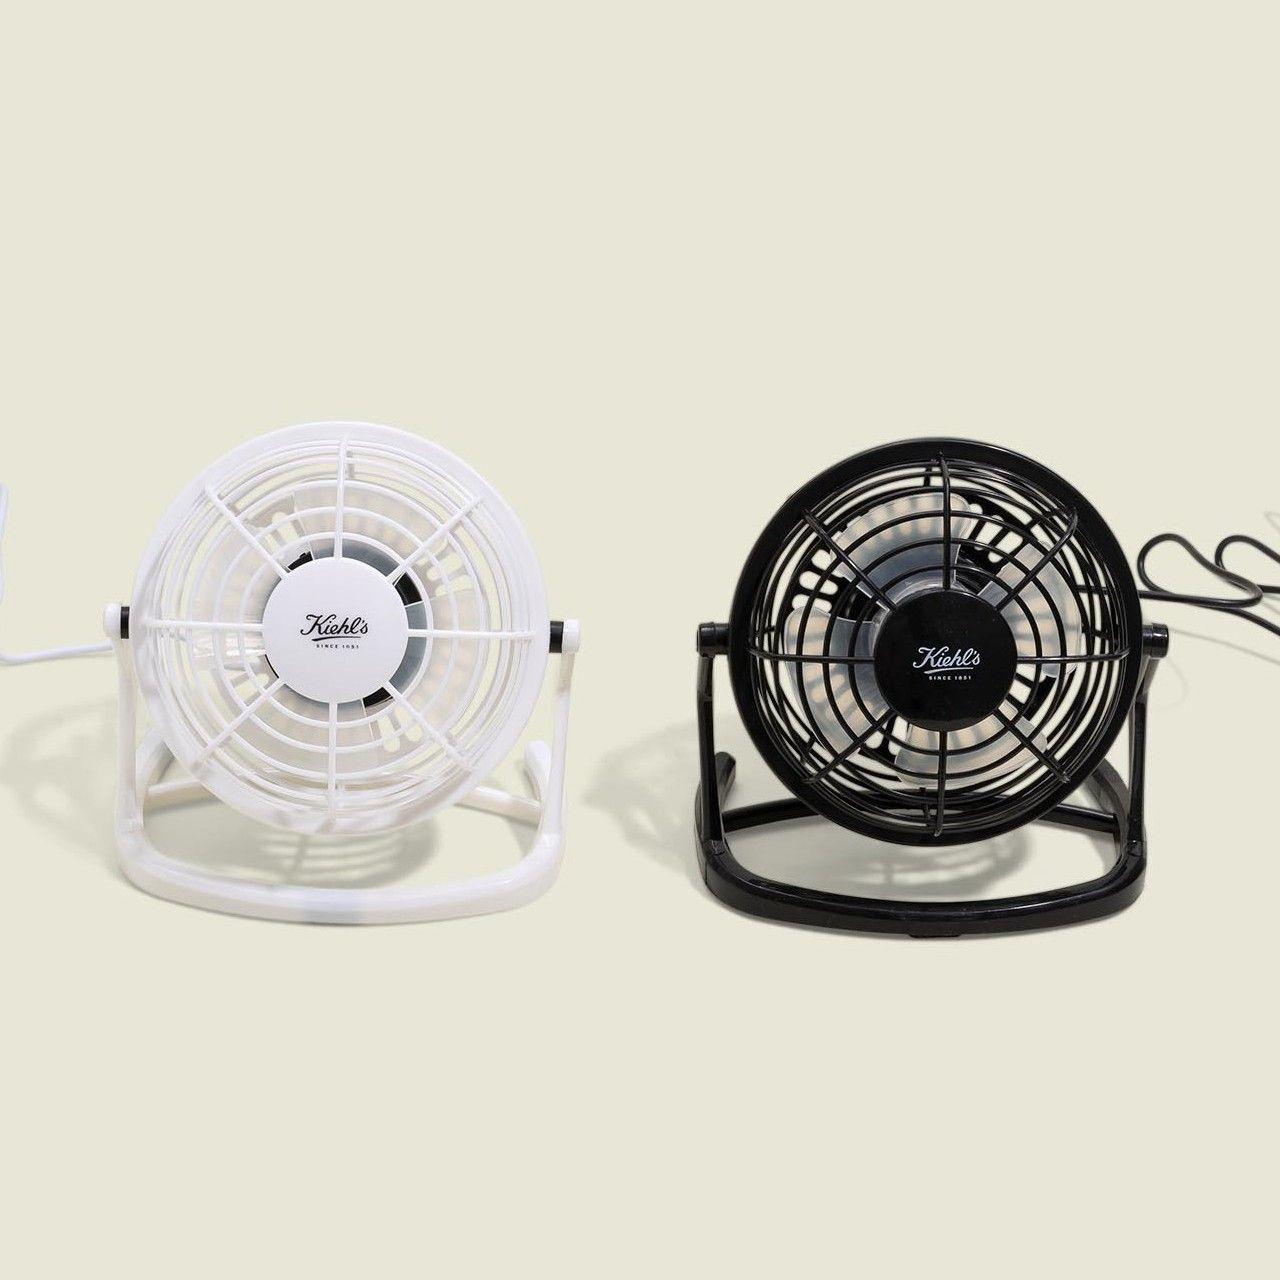 Portable fans